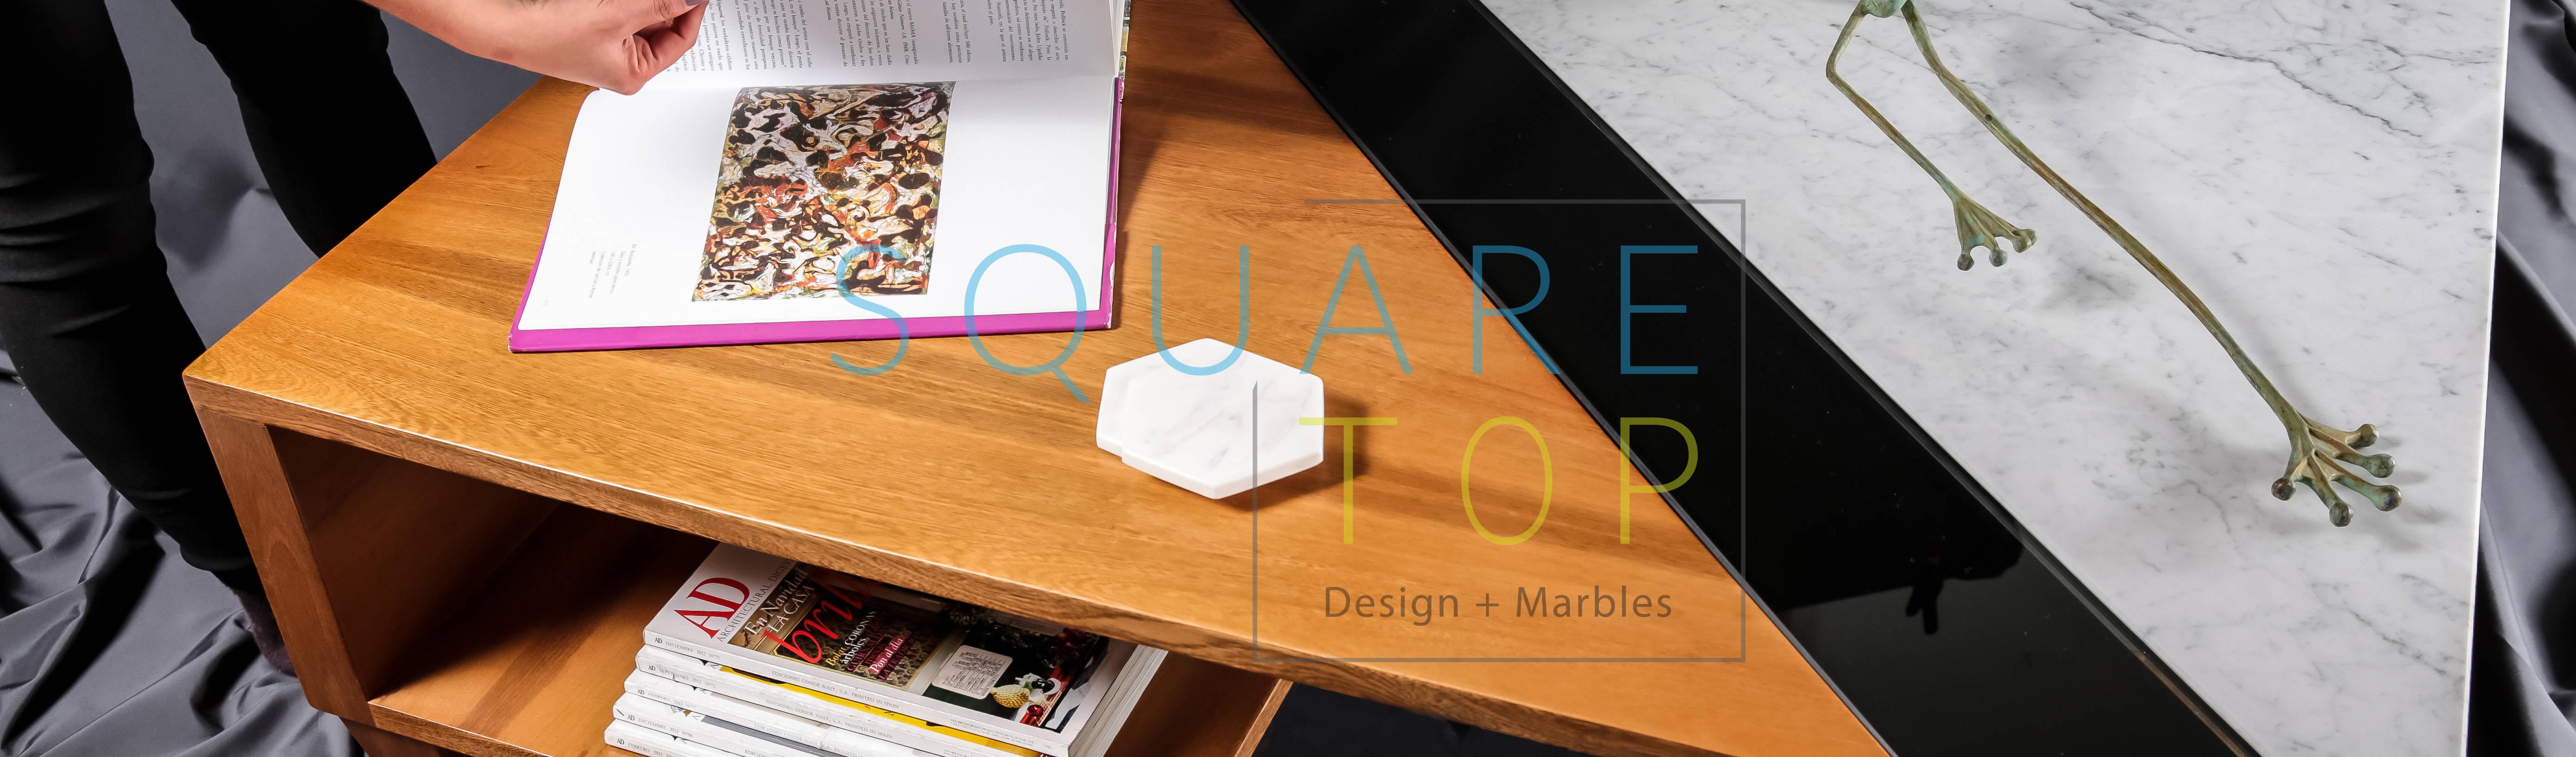 SquareTop Design